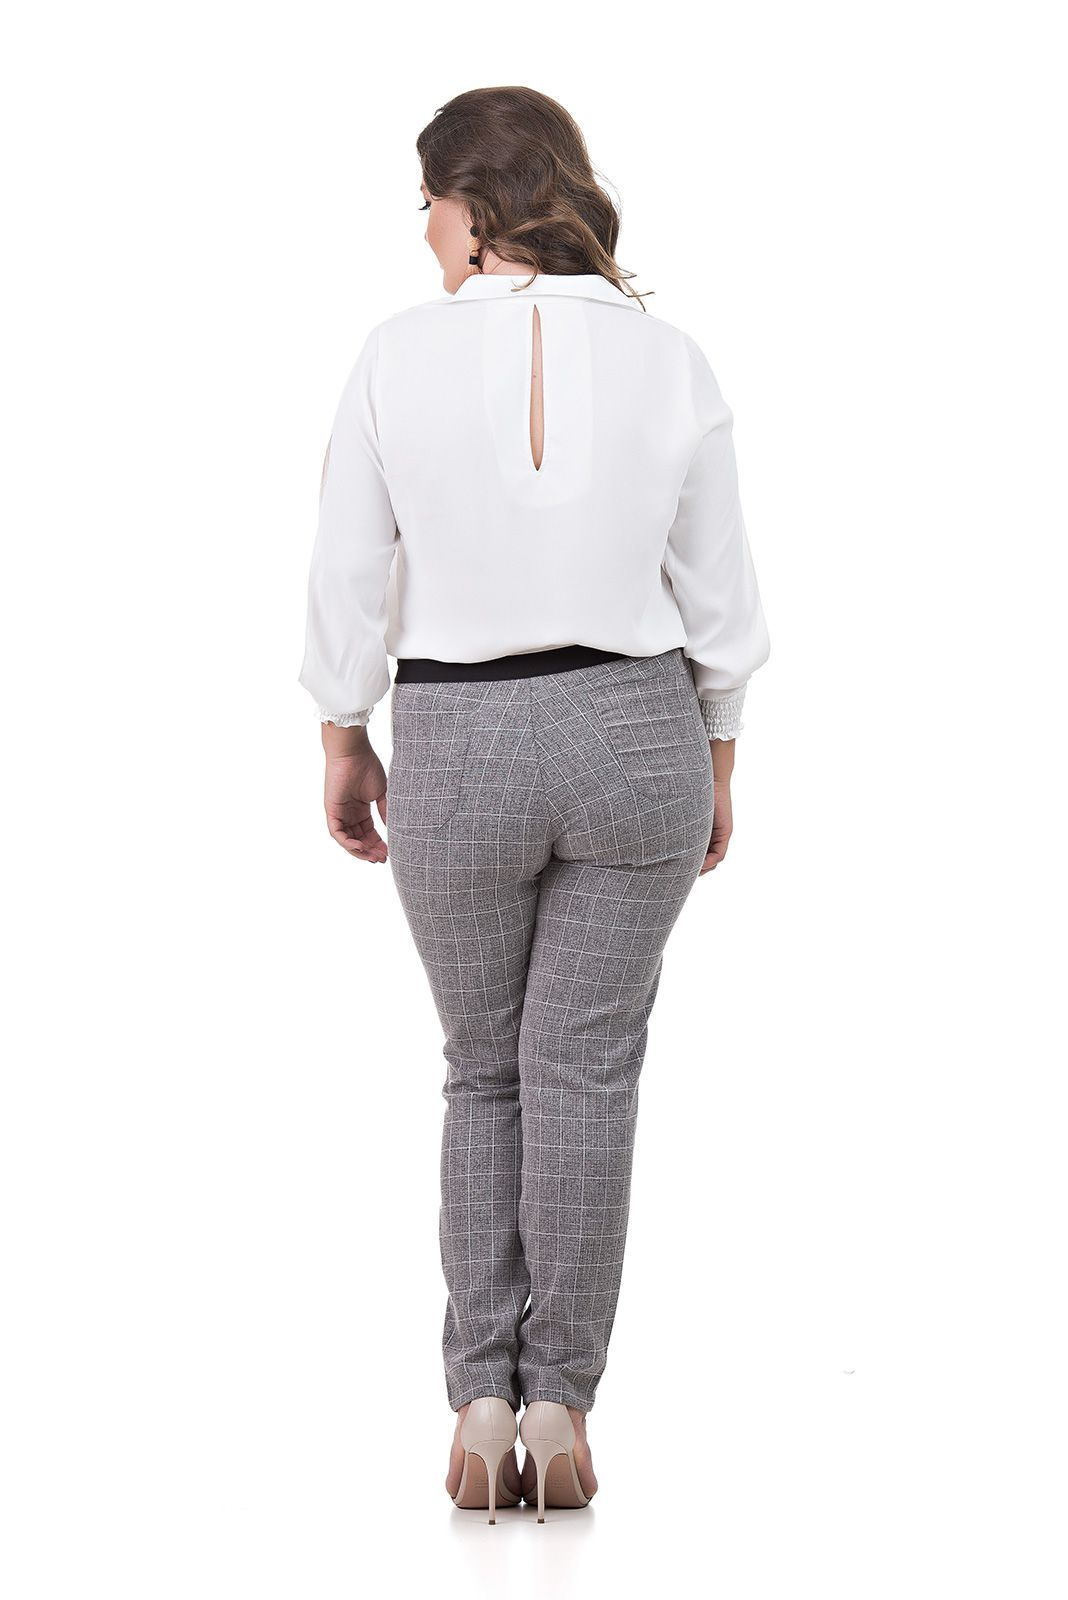 Camisa Manga Longa Plus Size